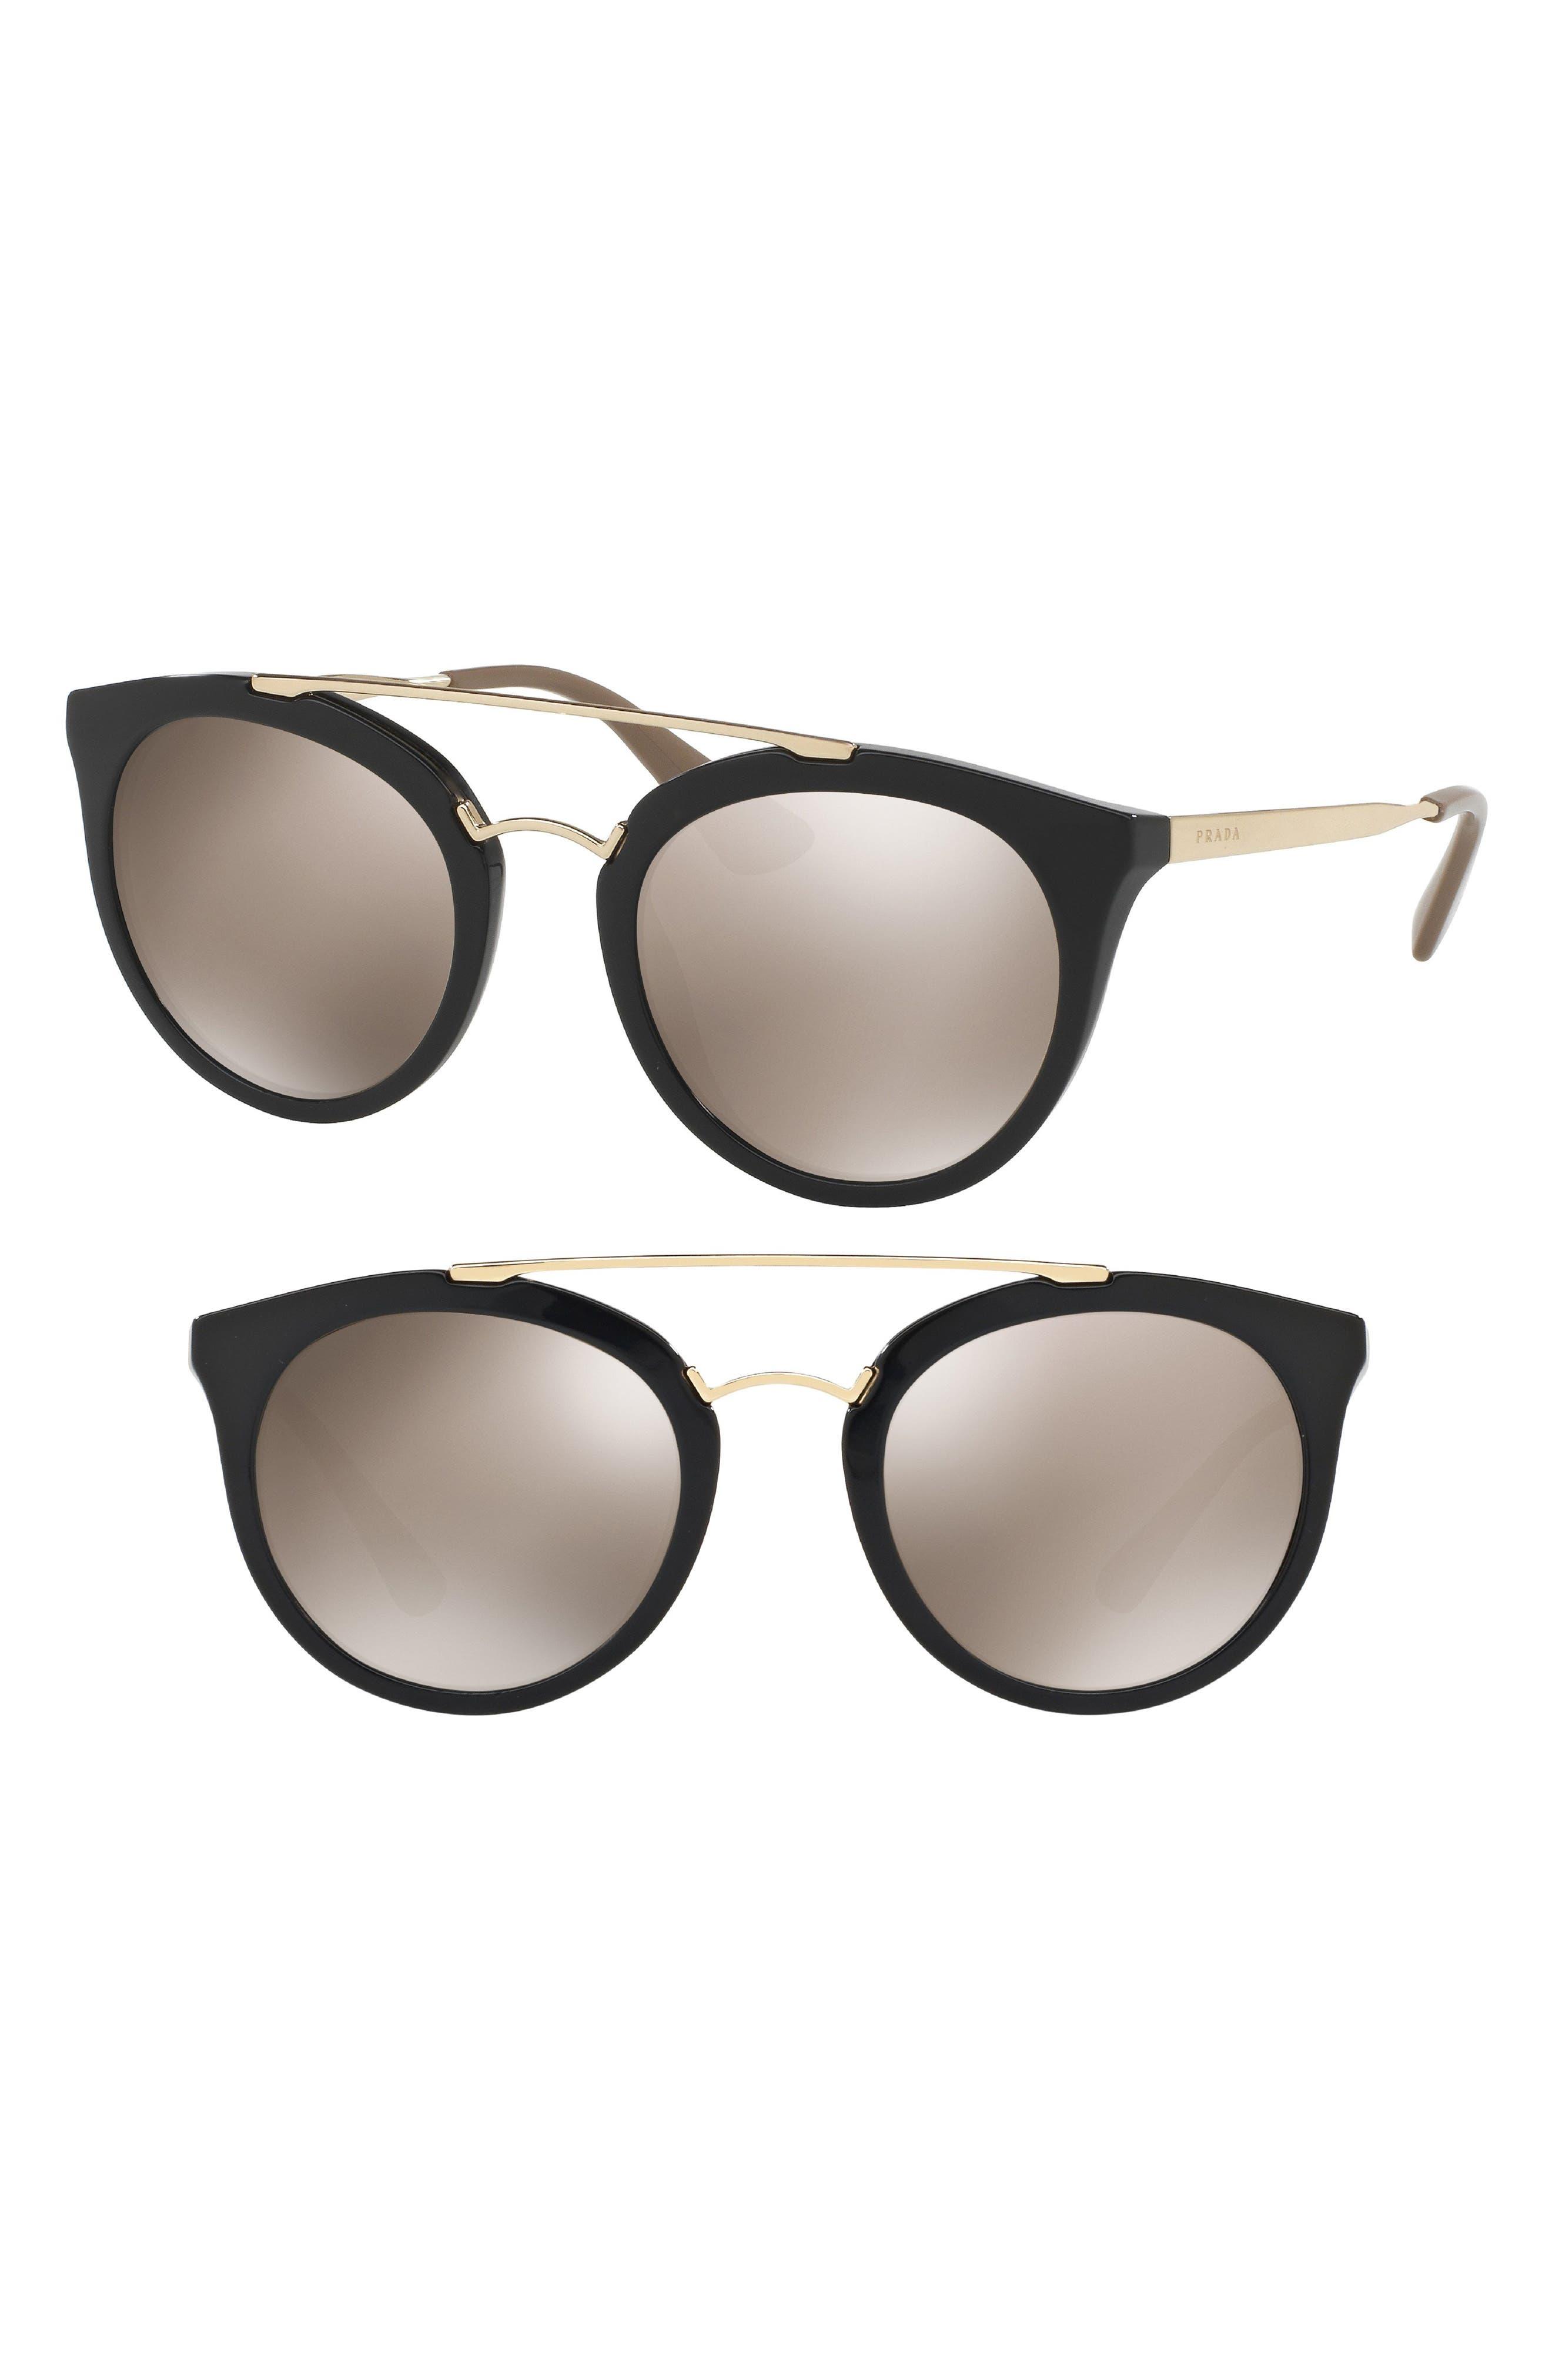 Double Bridge 52mm Sunglasses,                         Main,                         color, 008